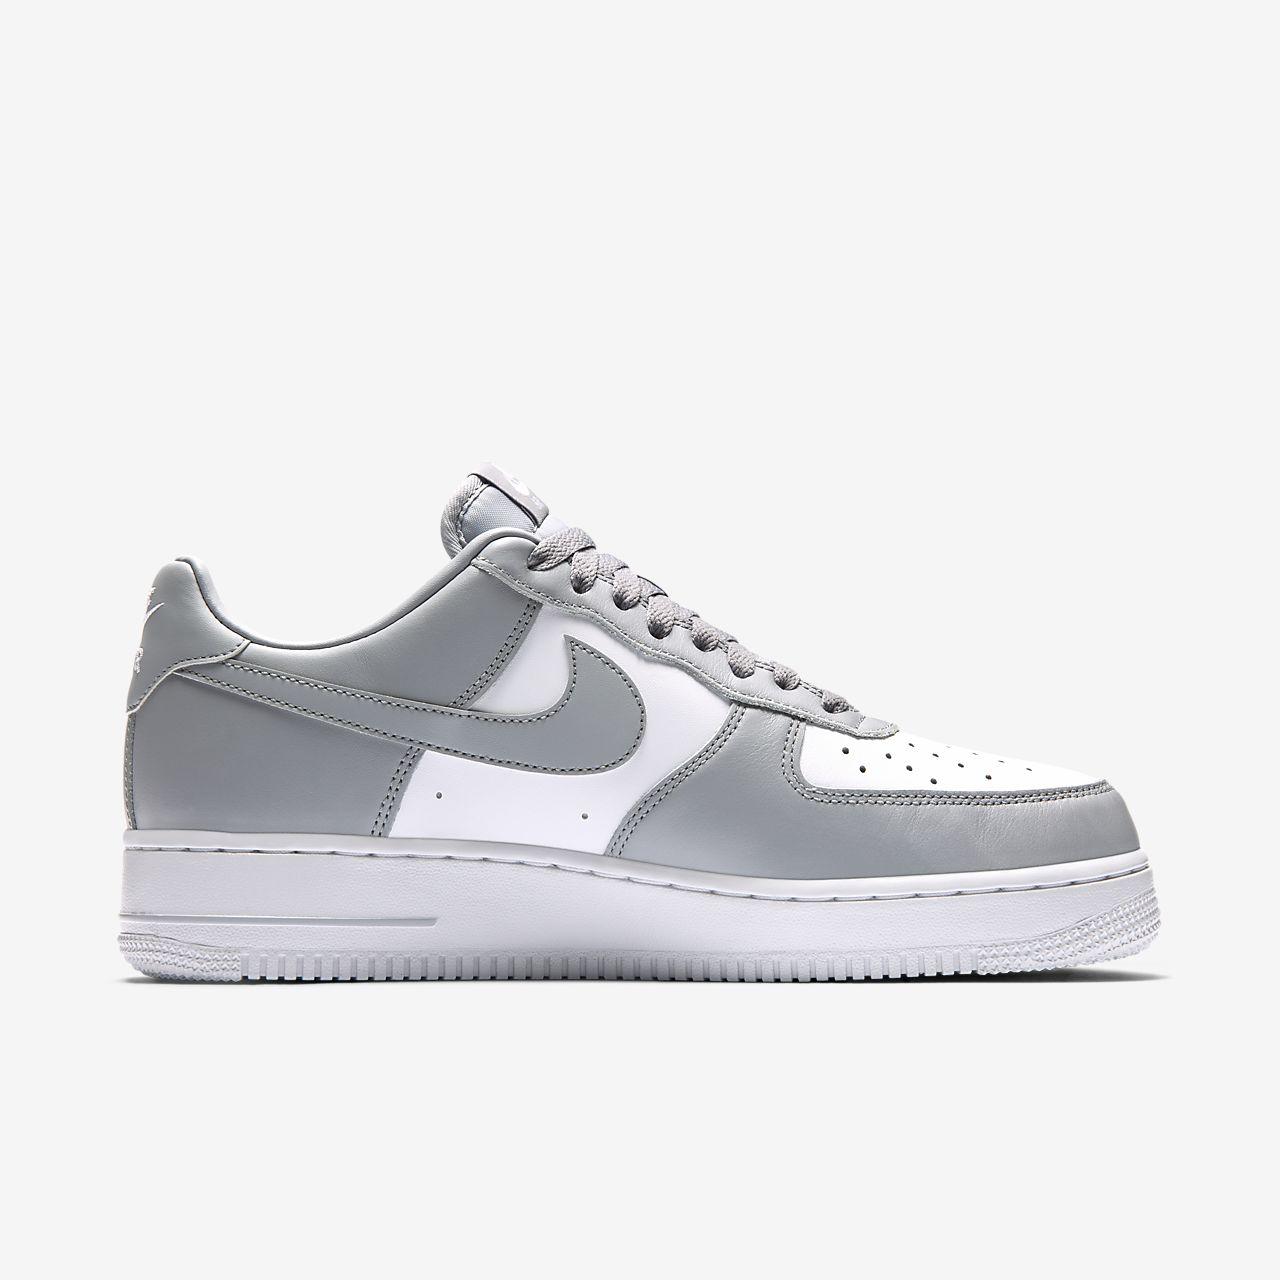 Nike Air Baskets Force 1 High '07 Baskets Air Homme Blanc Blanc Blanc 475 Eu 100874